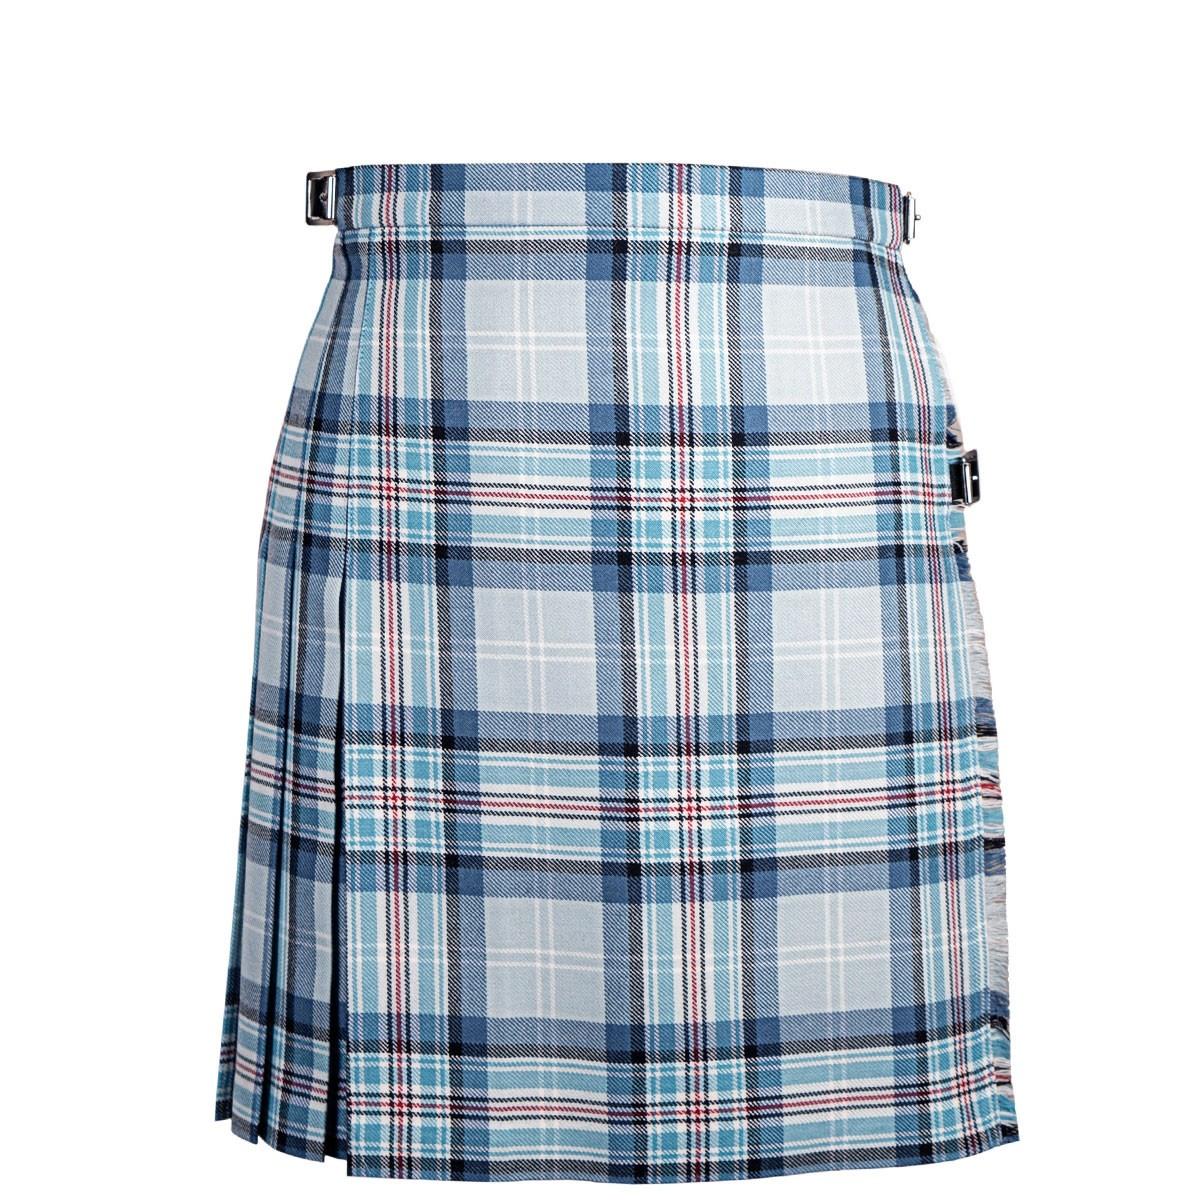 Diana, Princess of Wales Memorial Ladies Tartan Mini Skirt